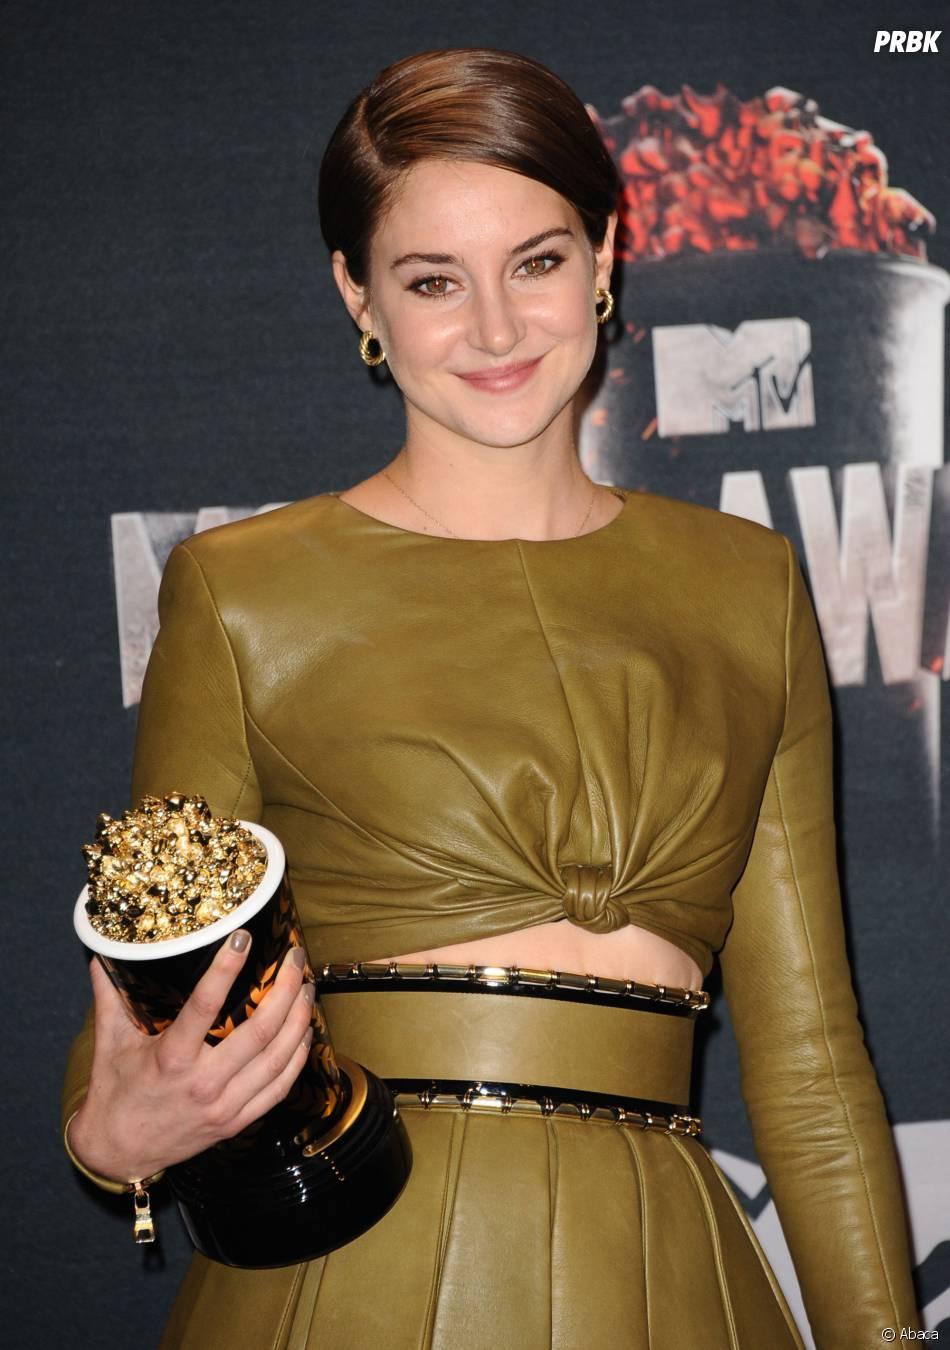 Shailene Woodley remporte le prix de Meilleur personnage aux MTV Movie Awards 2014 le 13 avril 2014